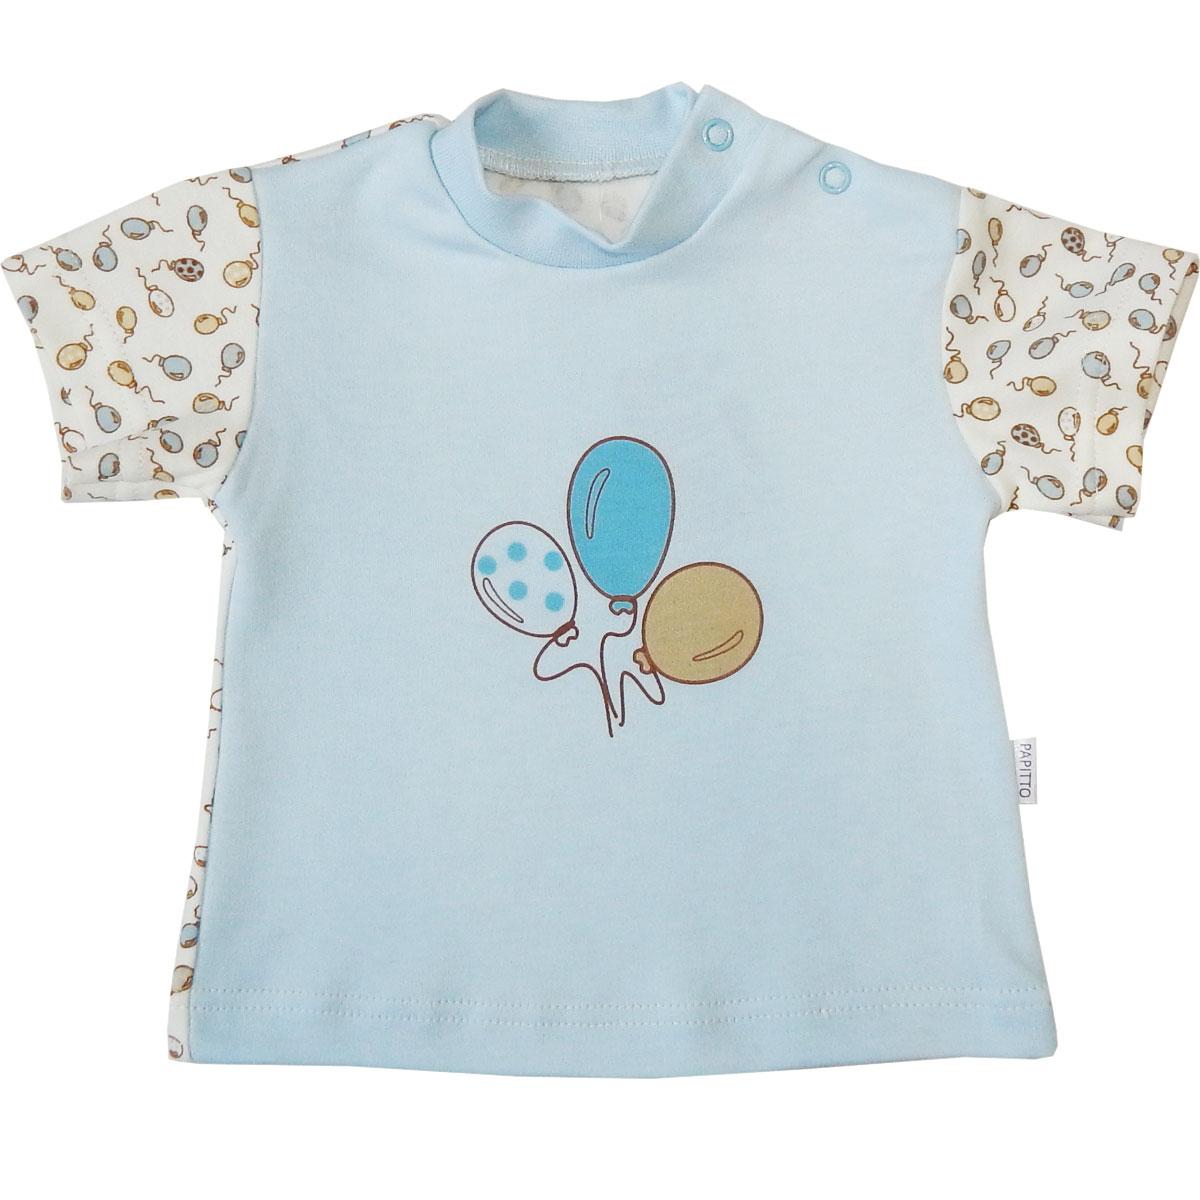 Купить Футболка детская Папитто Воздушные шарики гол/гол И470-37 р.68, Детские футболки, топы